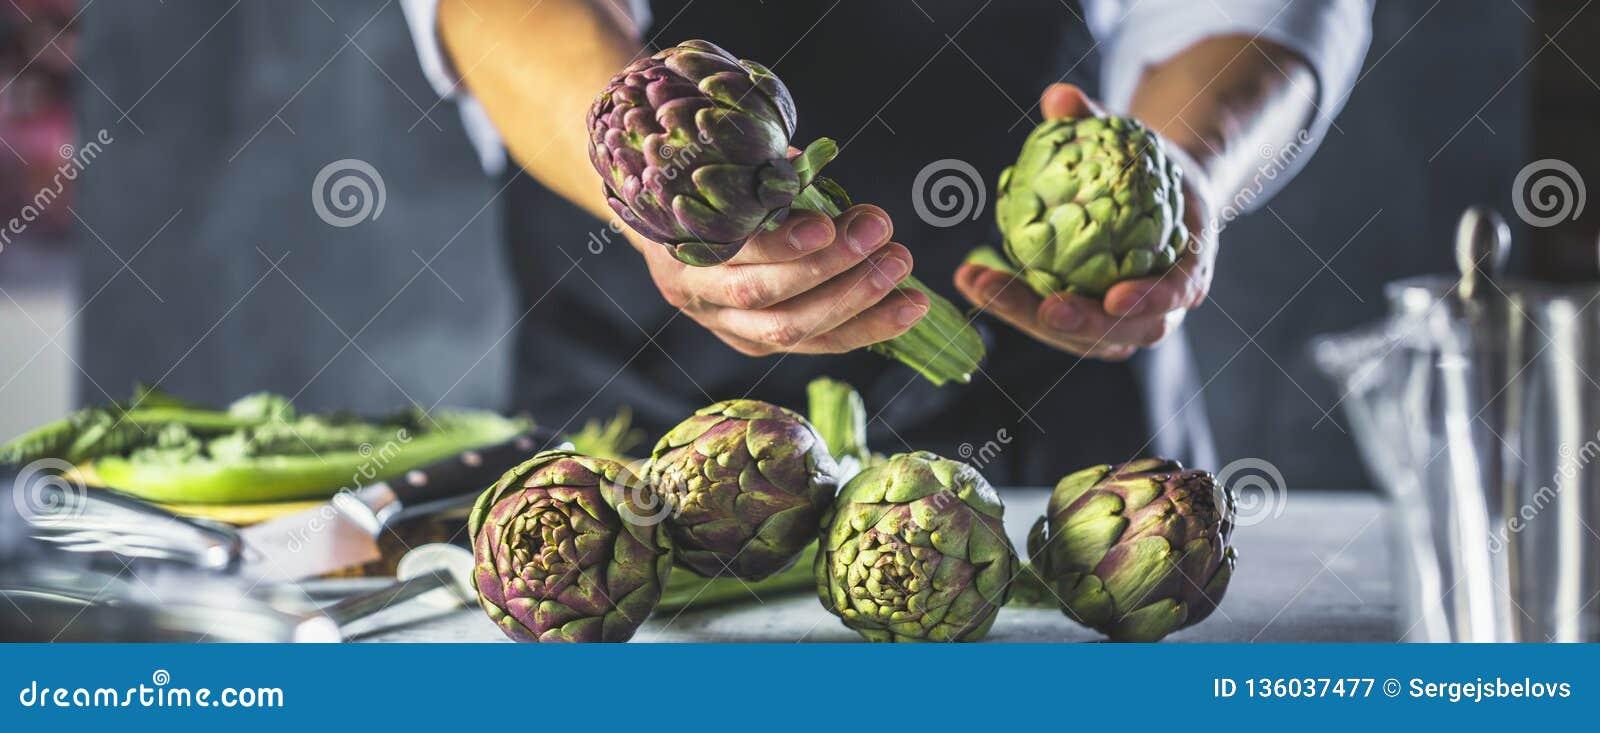 Cuoco unico che taglia i carciofi per la preparazione della cena - uomo che cucina dentro la cucina del ristorante